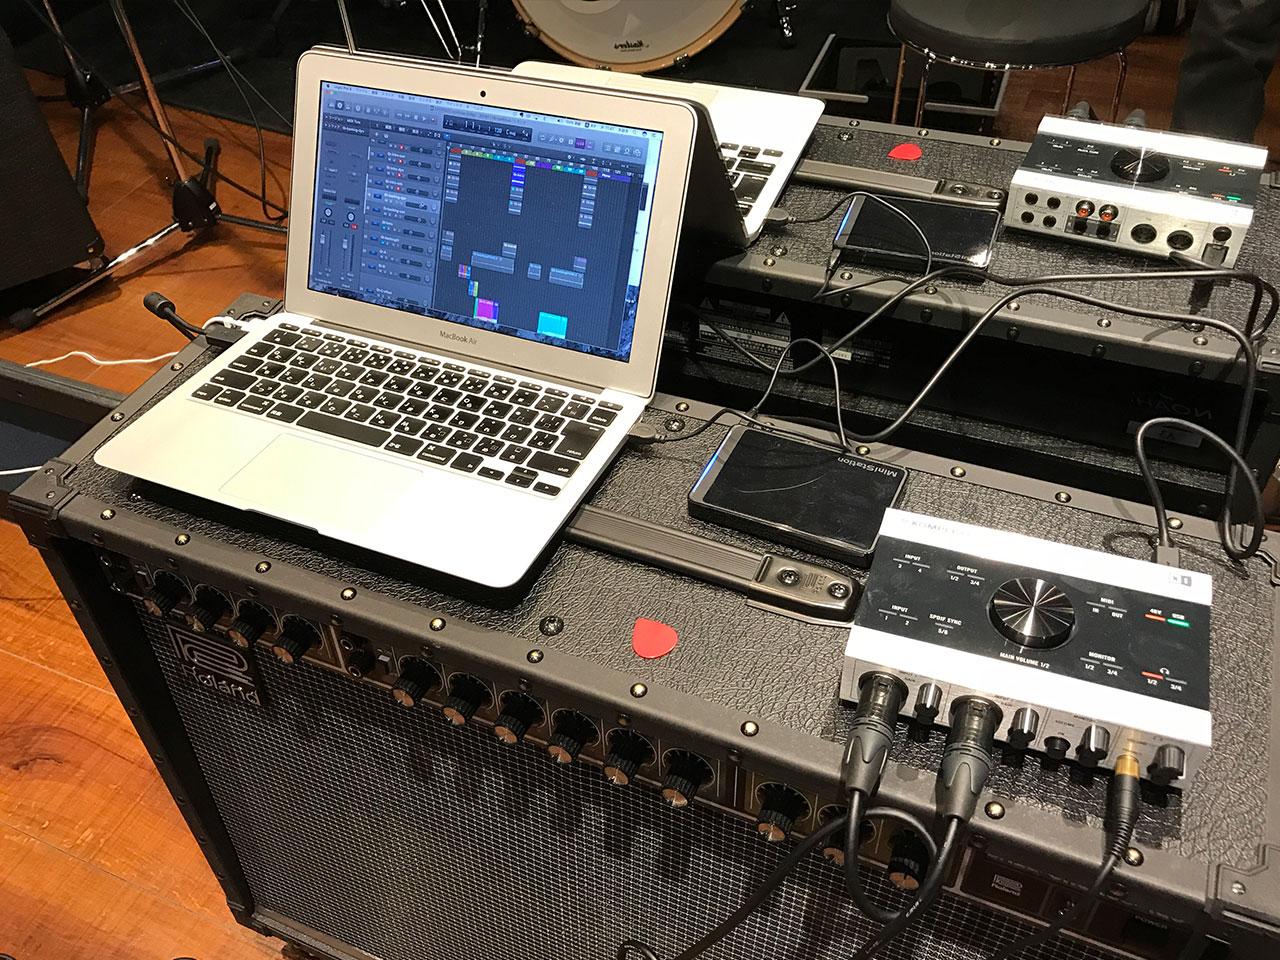 リハスタでギターのアンプ録りしたときのMacとオーディオインターフェース